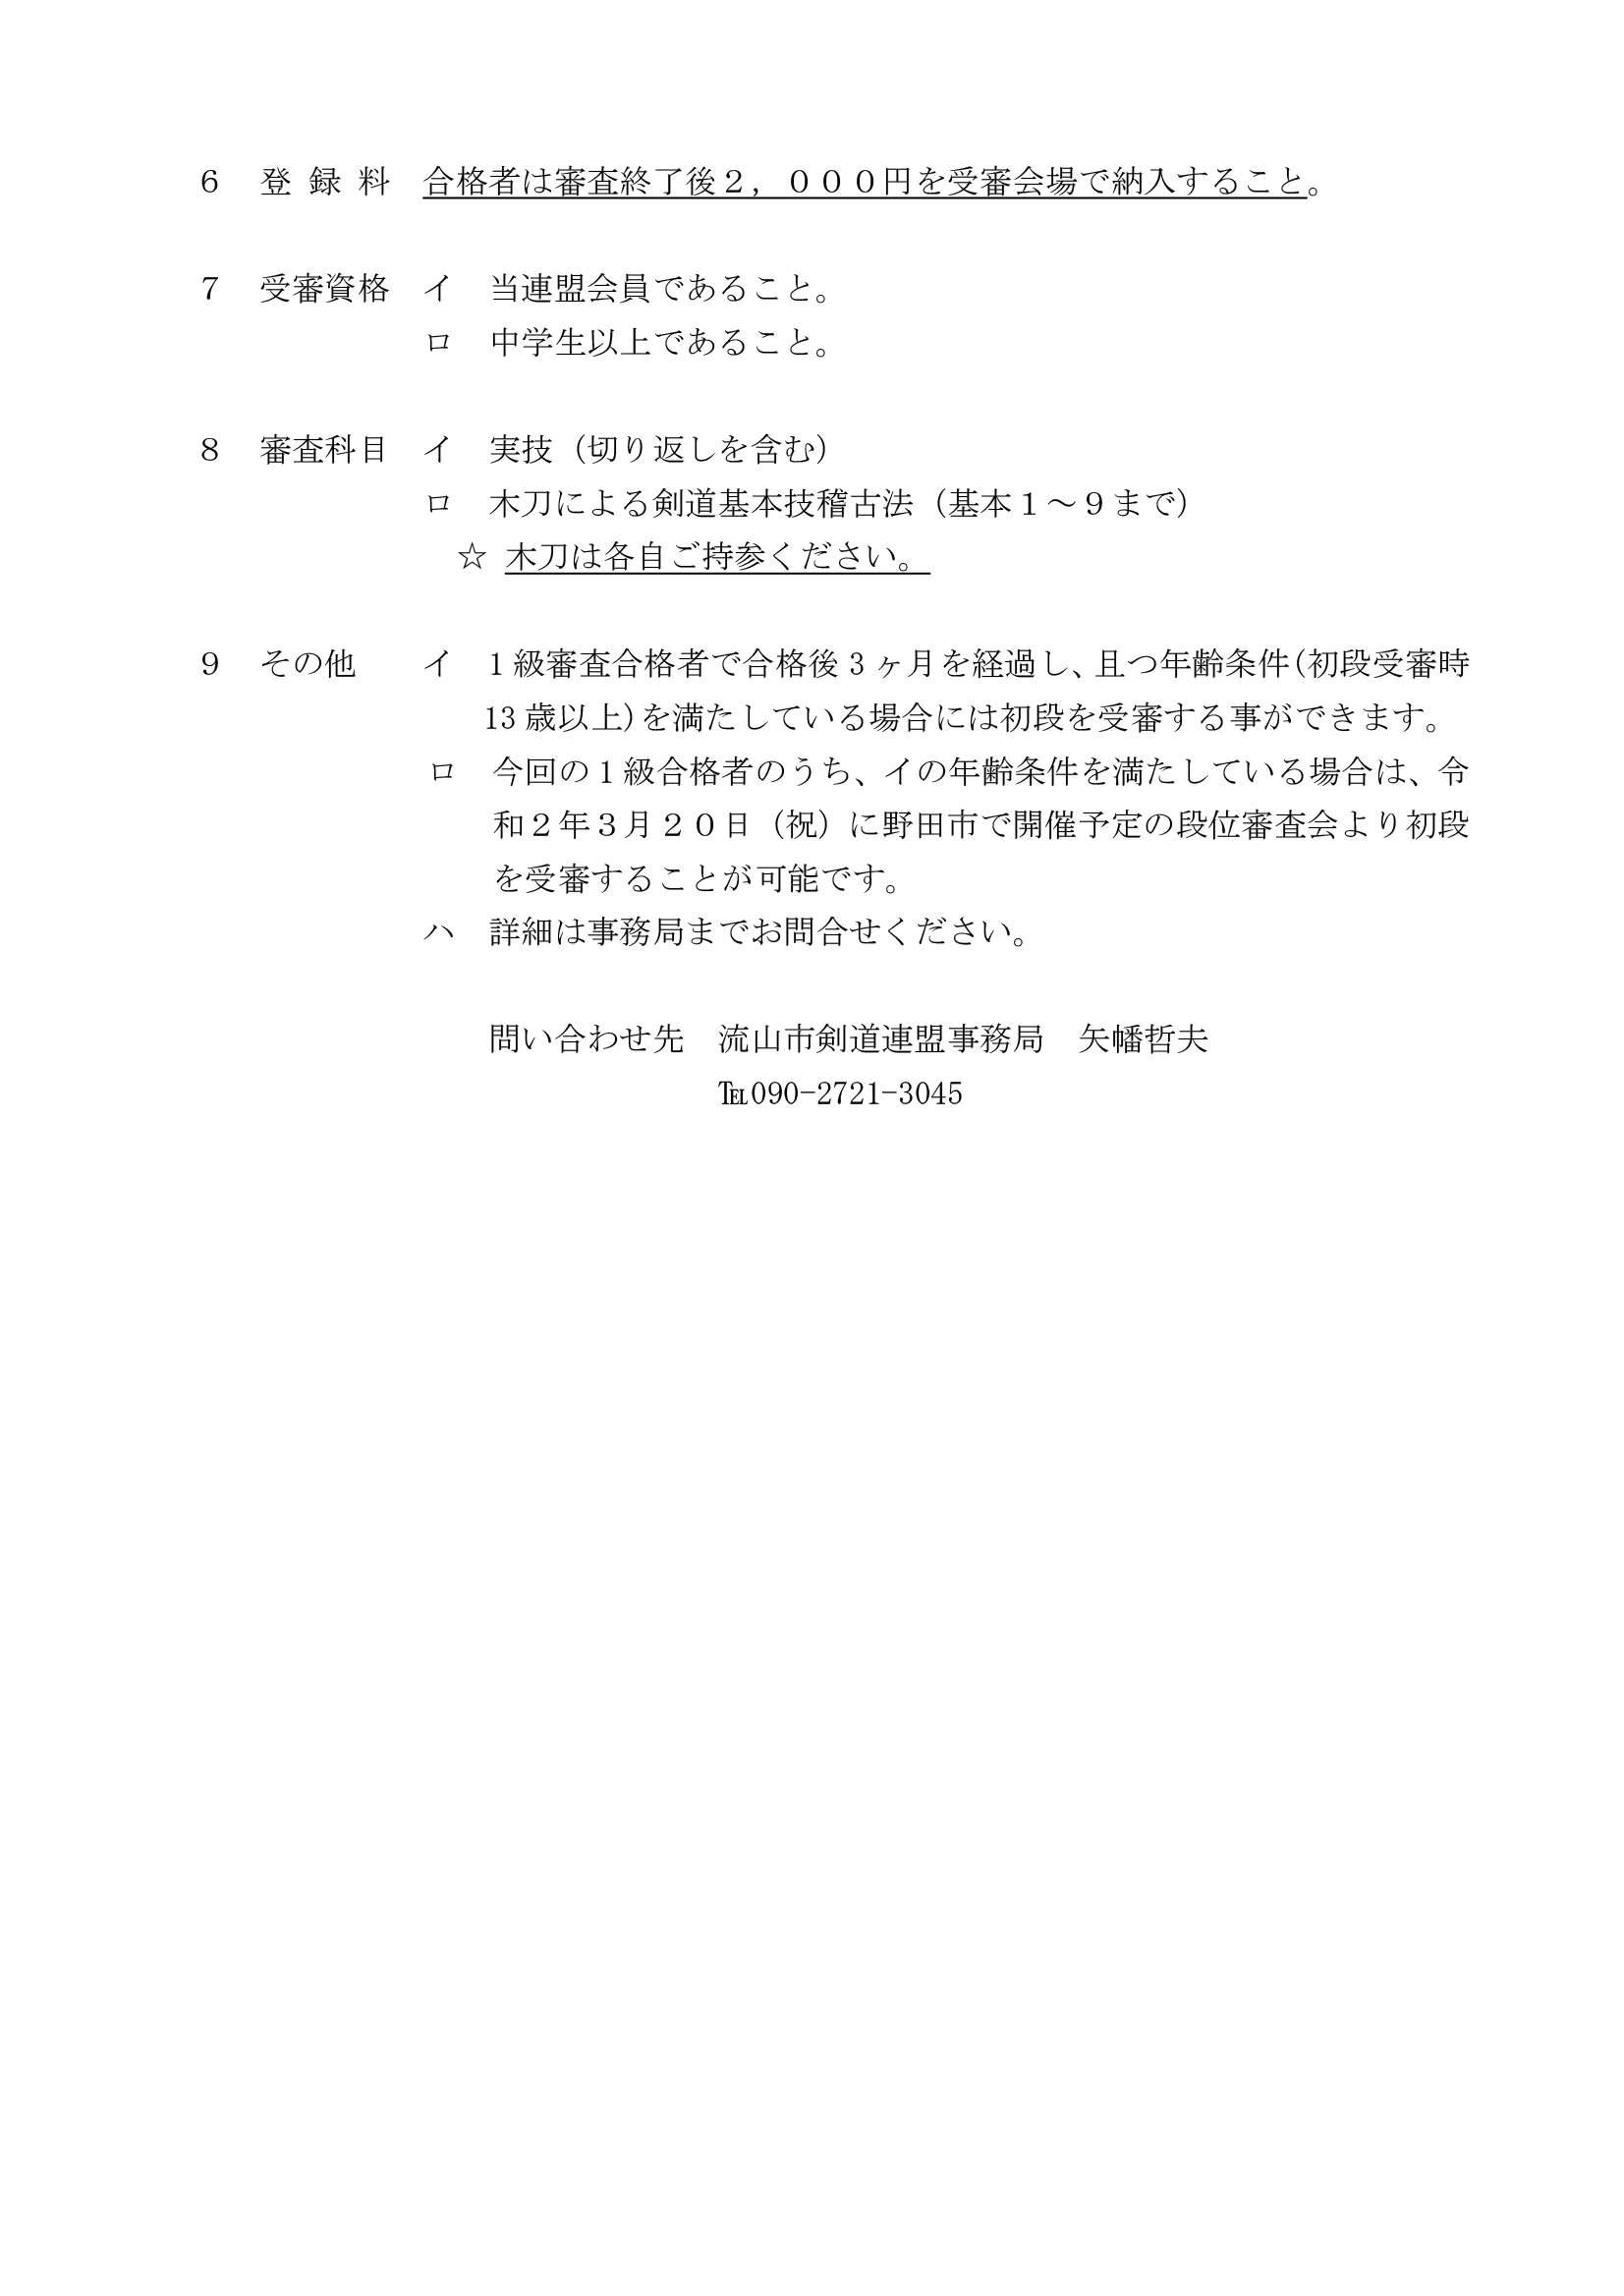 1級審査会案内R1-12(HP版)_0002